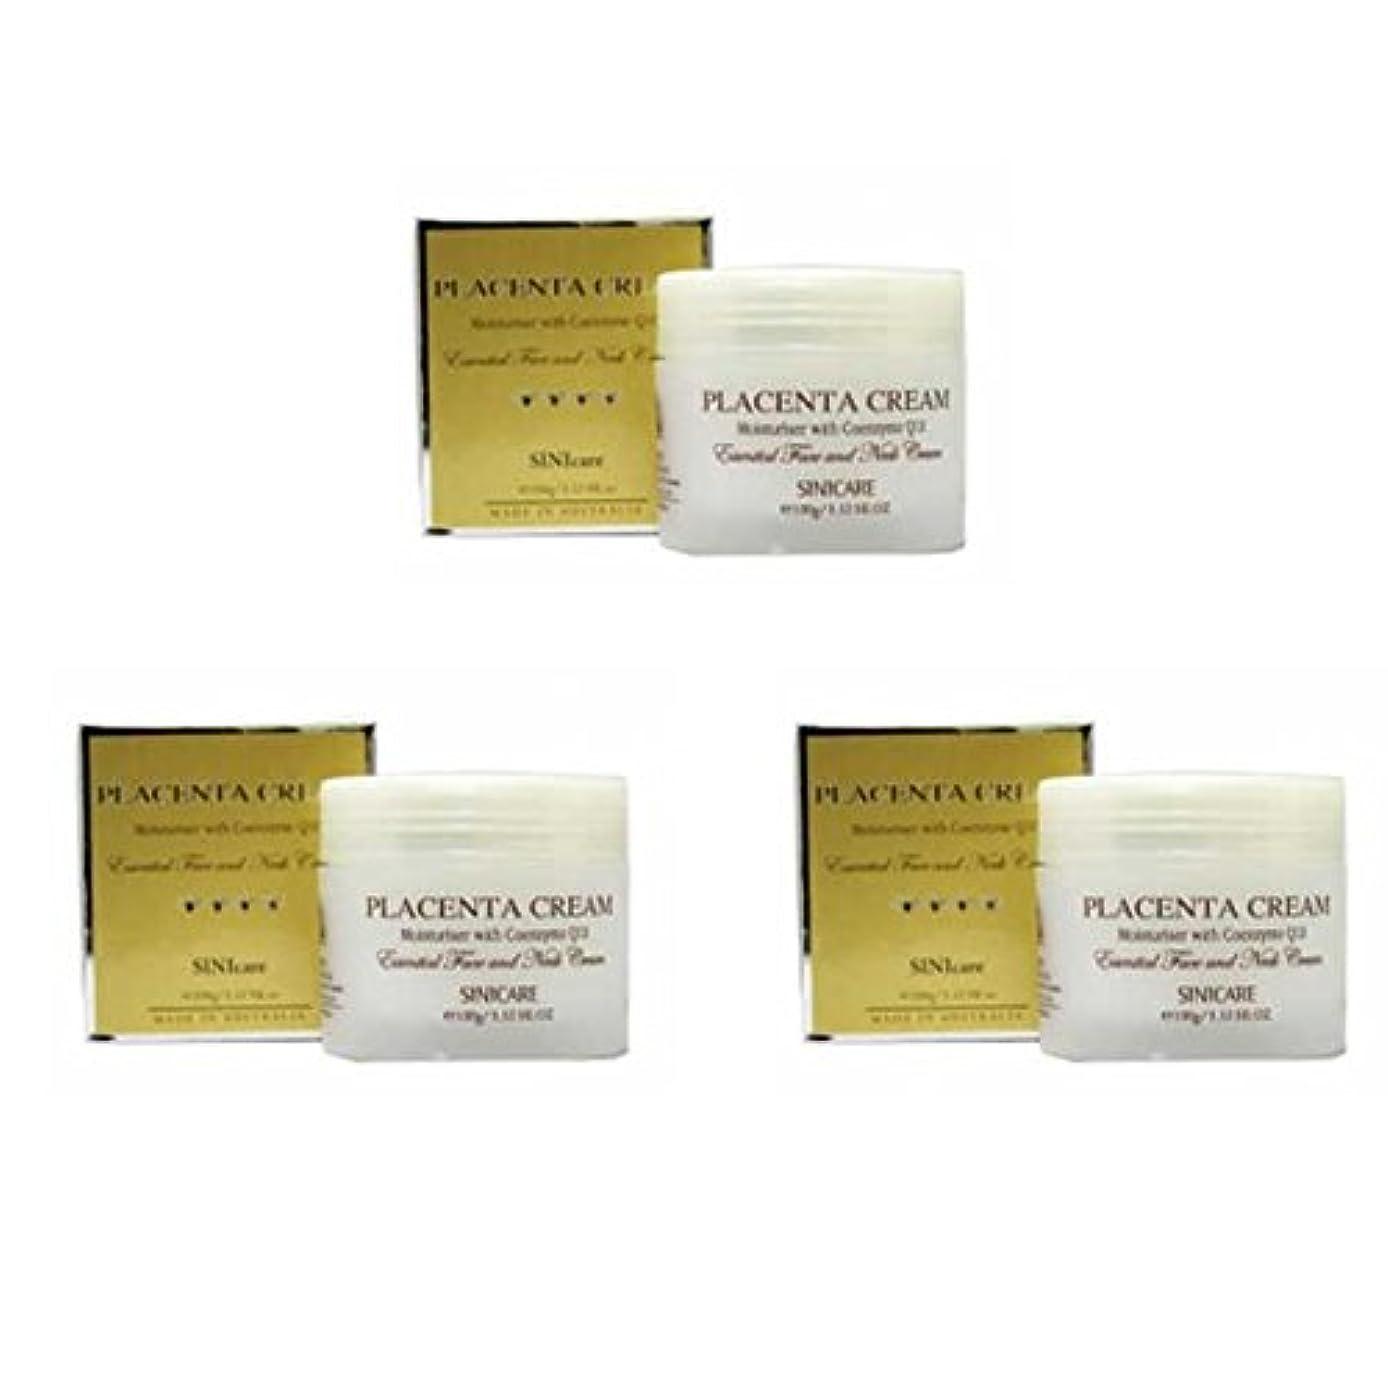 新年桁グリーンバック[Sini Care]Q10配合 プラセンタクリーム(Placenta Cream with Q10)100g ×3個セット[海外直送品]